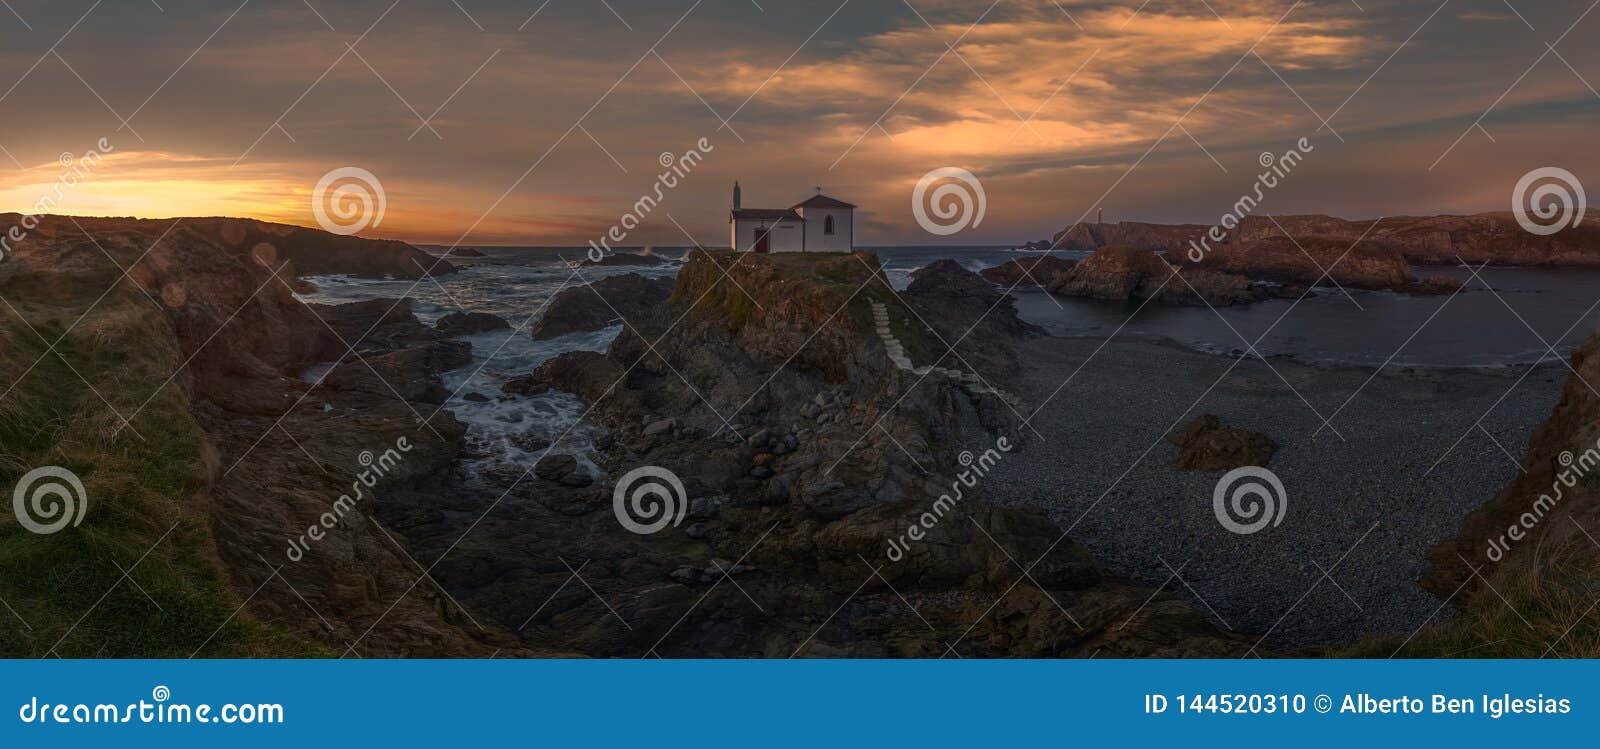 Panorama eines Einsiedlers im Meer